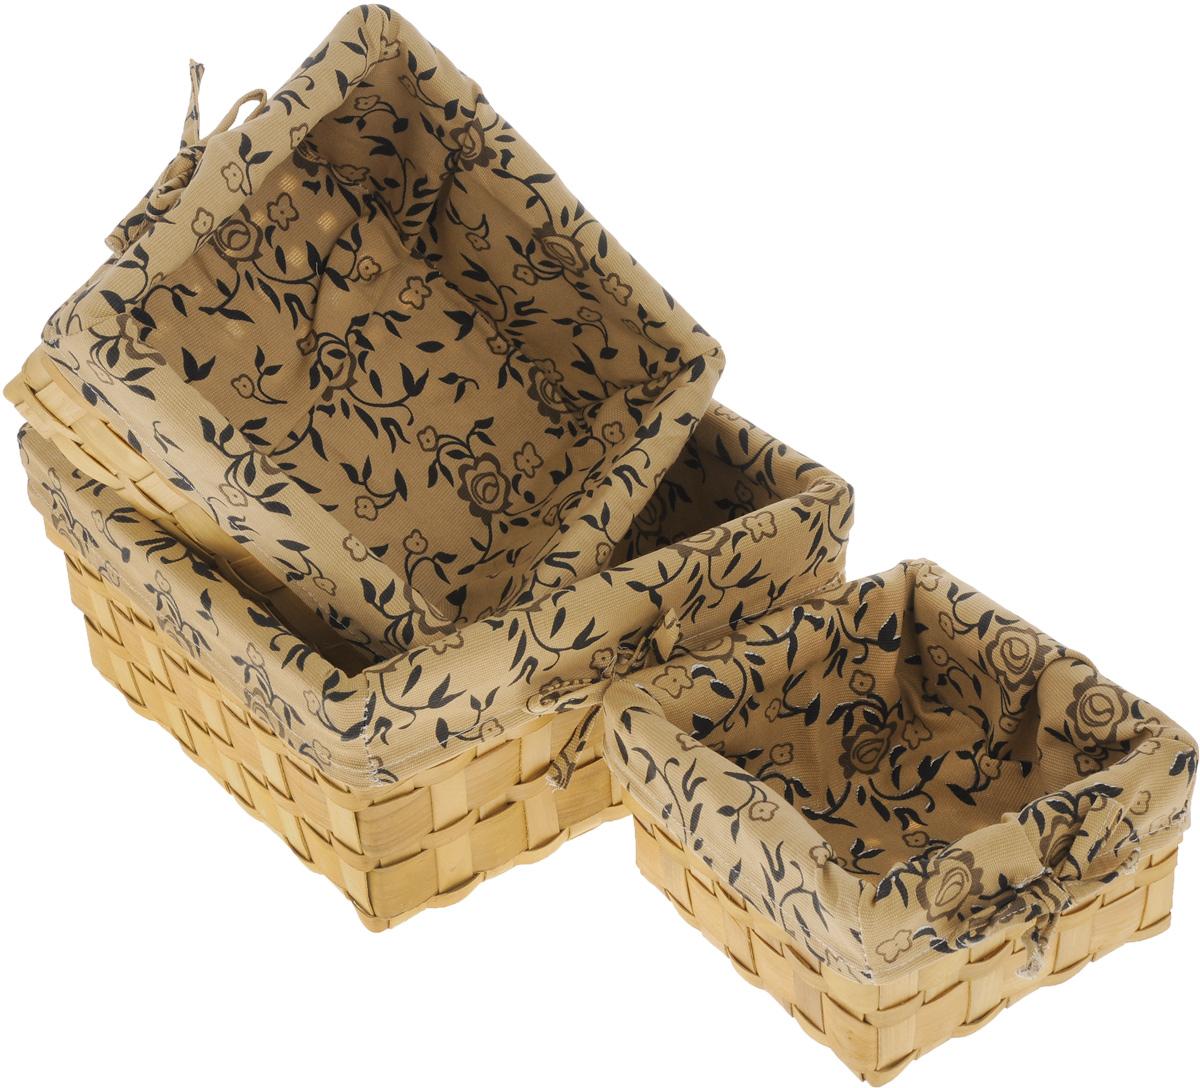 Набор плетеных корзинок Miolla, цвет: бежевый, коричневый, 3 шт. QL400449TD 0033Набор Miolla состоит из трех квадратных плетеных корзинок разного размера. Изделия выполнены из плетеной древесины и обтянуты тканью с оригинальным растительным узором. Такие корзинки прекрасно подойдут для хранения хлеба и других хлебобулочных изделий, печенья, а также бытовых принадлежностей и различных мелочей. Стильный дизайн корзинок сделает их украшением интерьера помещения. Подойдут для кухни, спальни, прихожей, ванной. Размер малой корзины: 21 х 21 х 11,5 см. Размер средней корзины: 25 х 25 х 14 см.Размер большой корзины: 30 х 30 х 16 см.